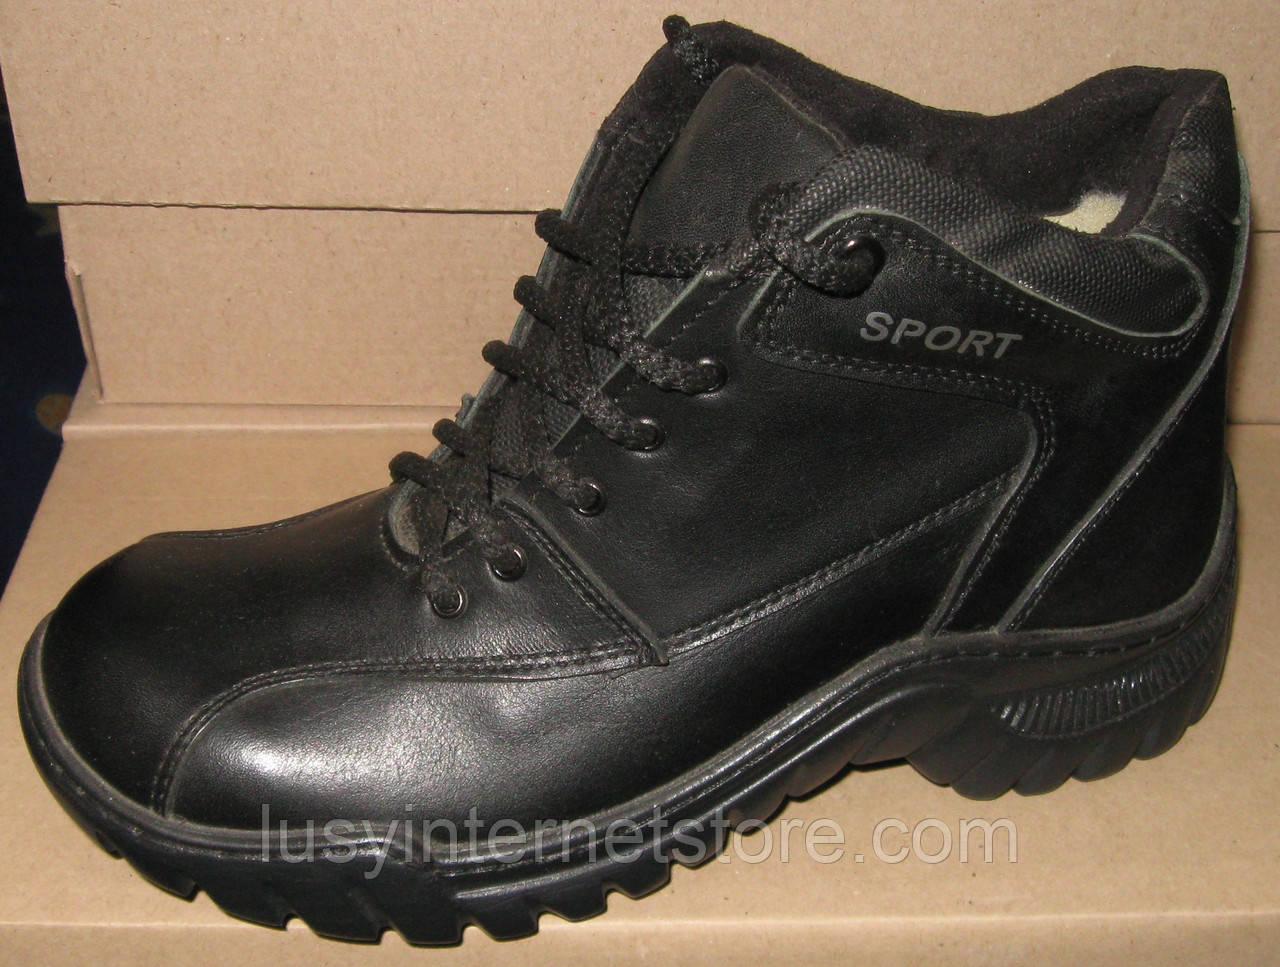 Зимние подростковые ботинки кожаные черные на шнурках, подростковая зимняя  обувь от производителя мод АМП- 7553c57a7cc